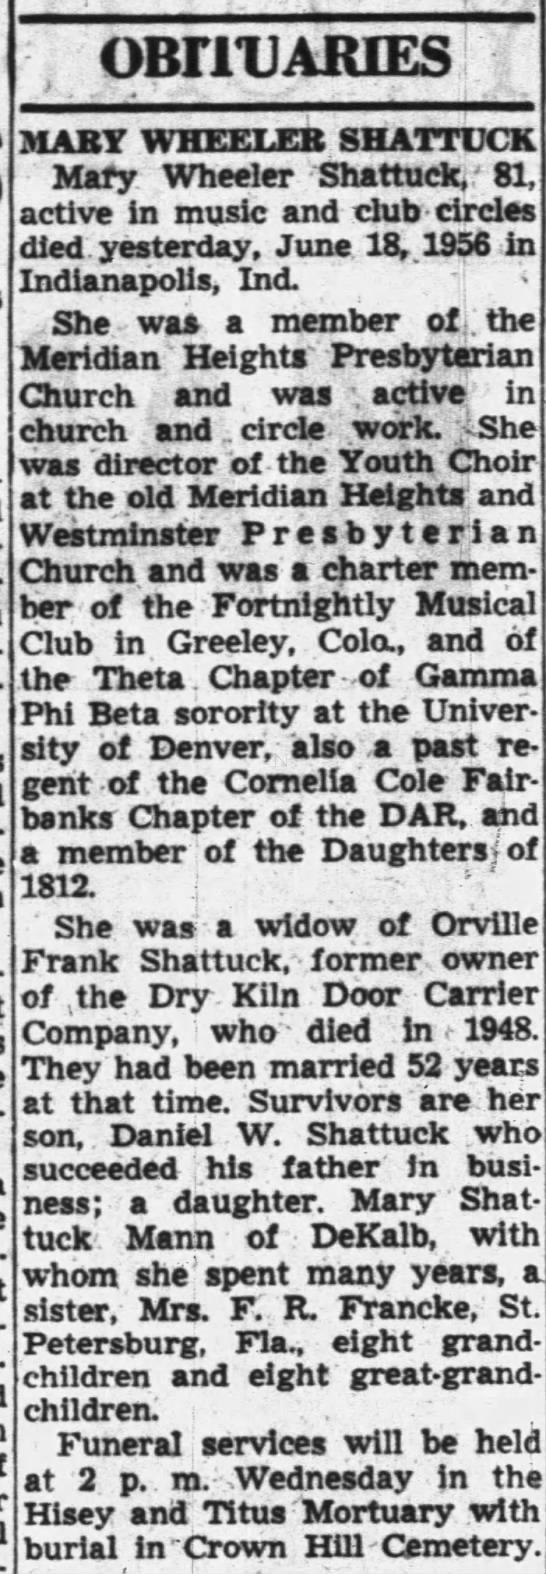 Mary Wheeler Shattuck Obituary - OB1TU ARIES MABY WHEELER SHATTUCK Mary Wheeler...